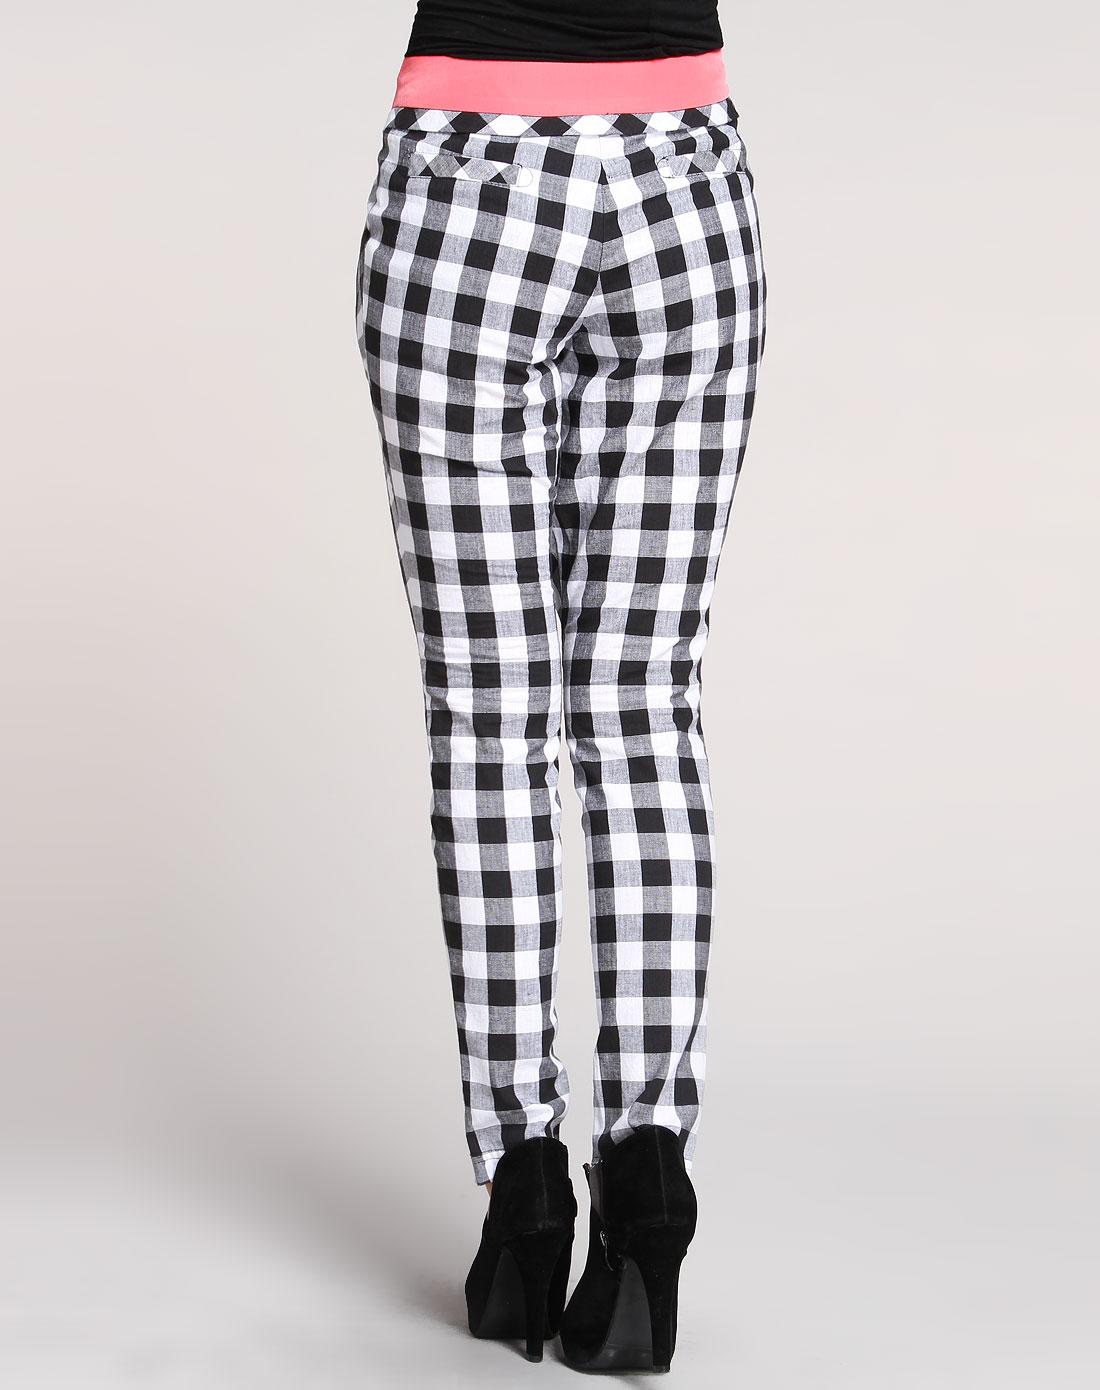 黑白色时尚格子休闲长裤